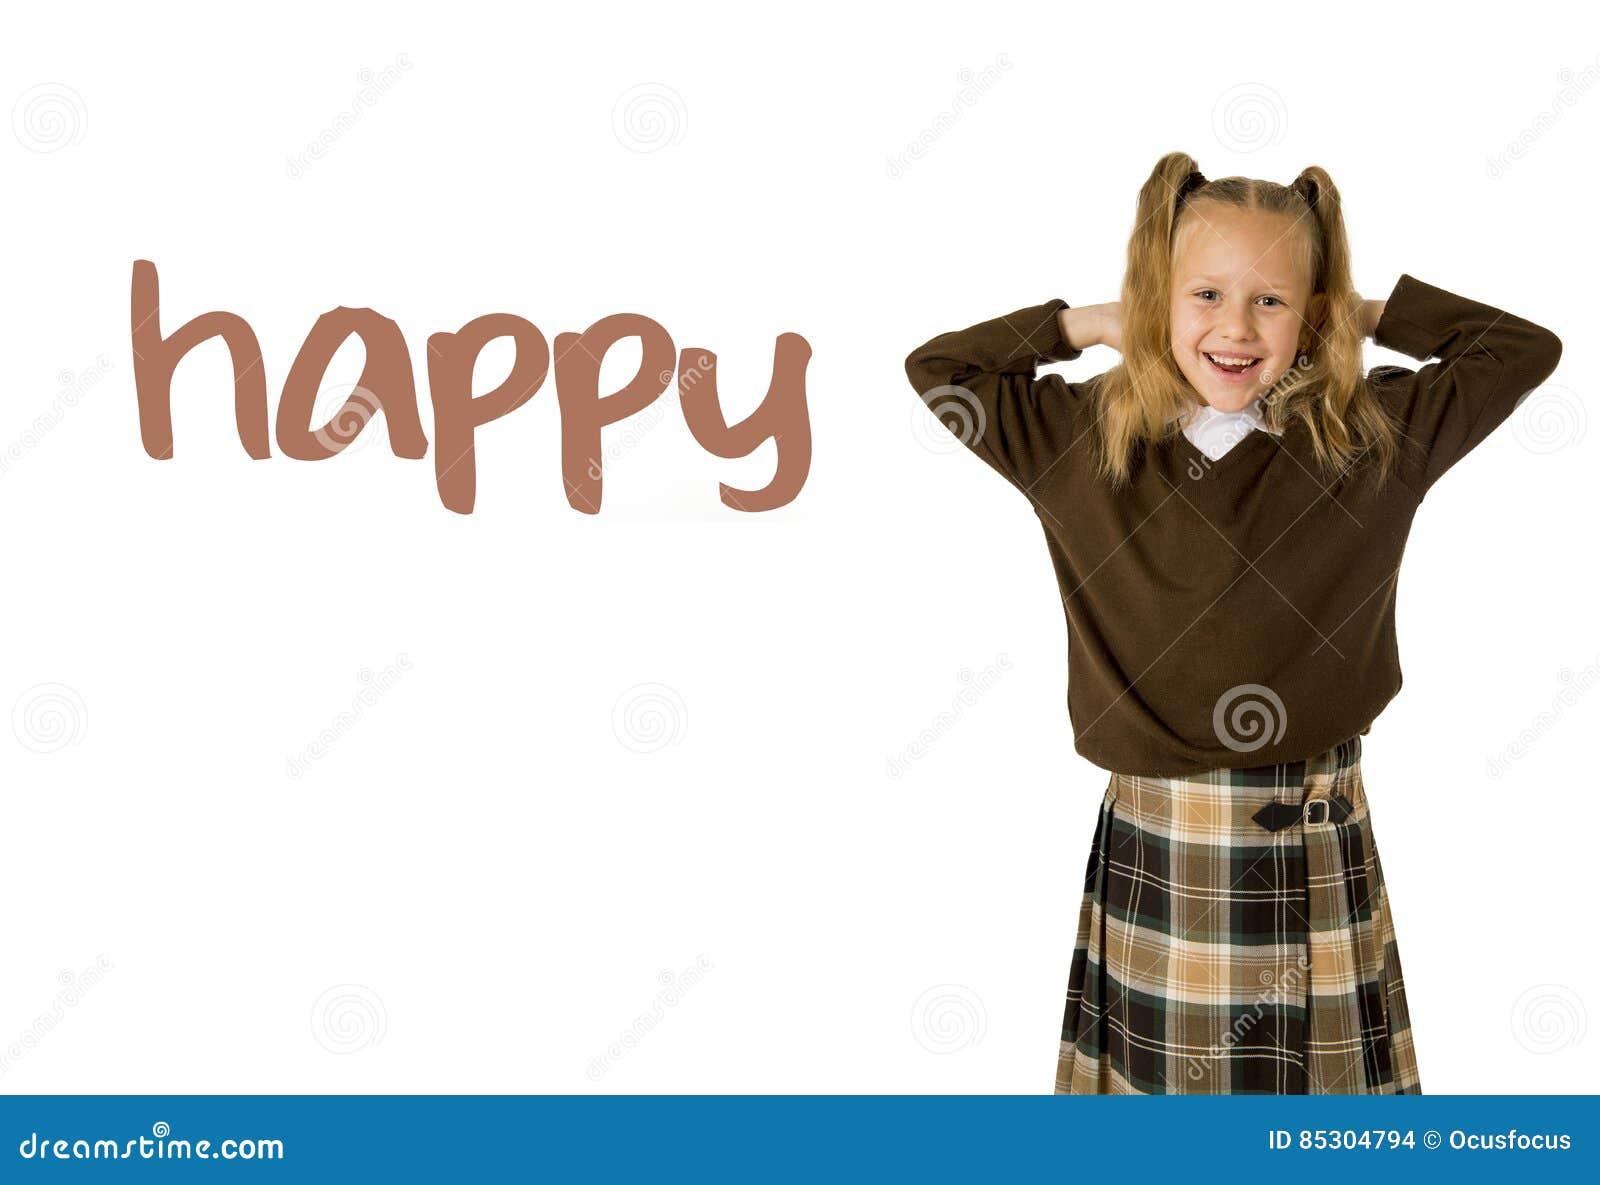 Cartão da escola do vocabulário do aprendizado de línguas inglesas da criança fêmea feliz bonita nova